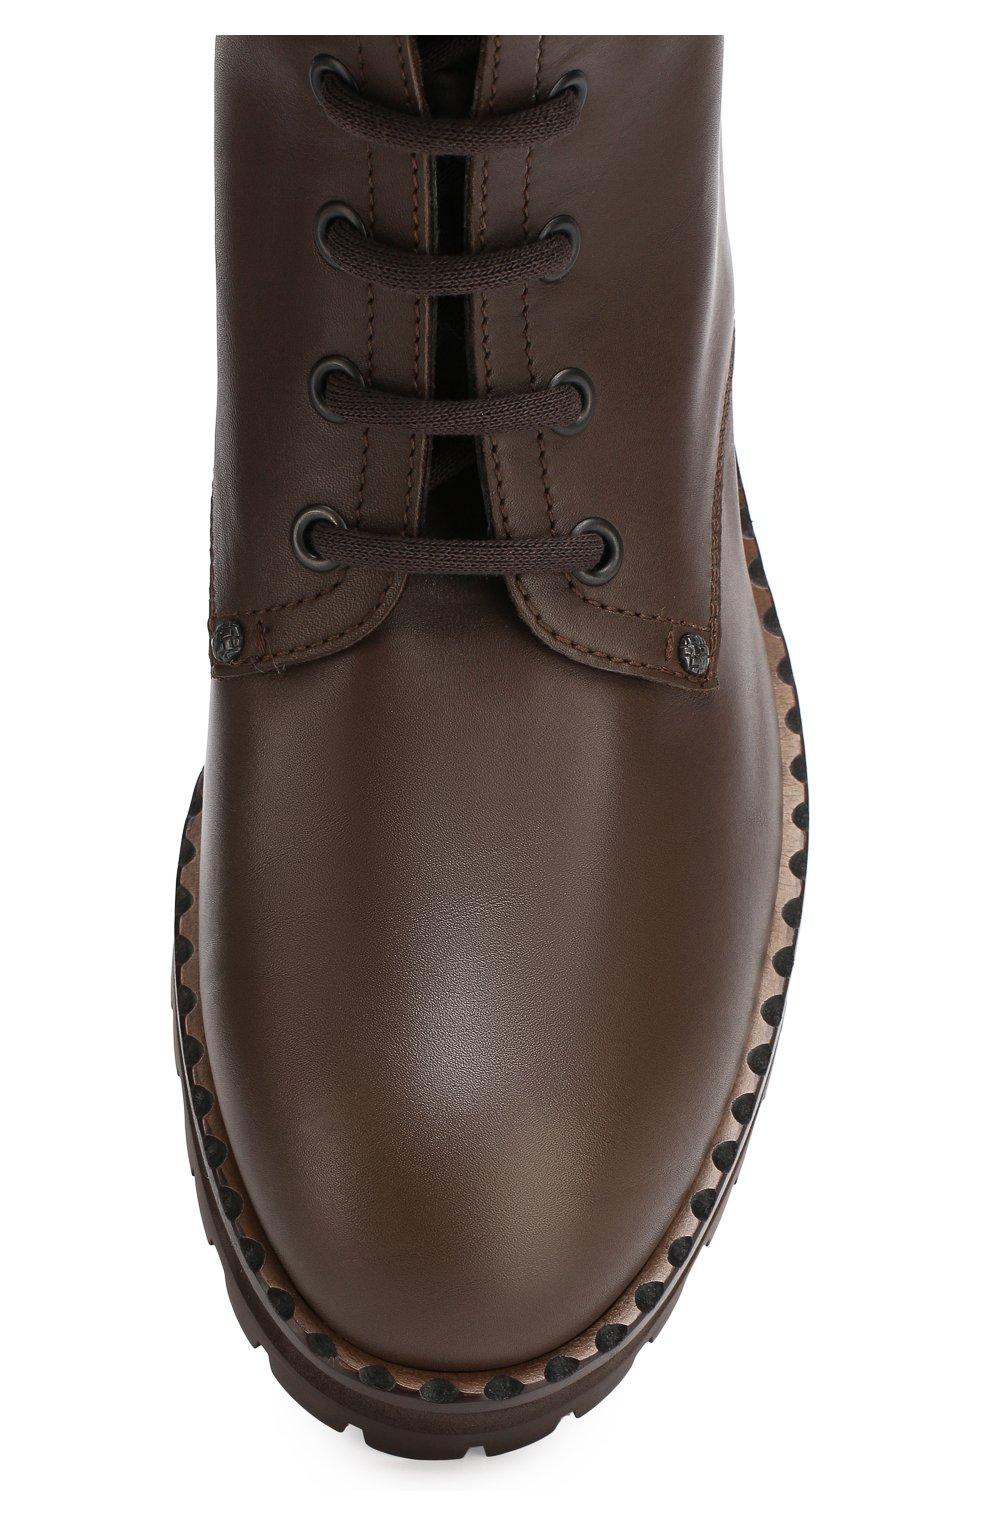 ca16c34162ee Женские коричневые кожаные ботинки с плетением intrecciato BOTTEGA VENETA —  купить за 66950 руб. ...